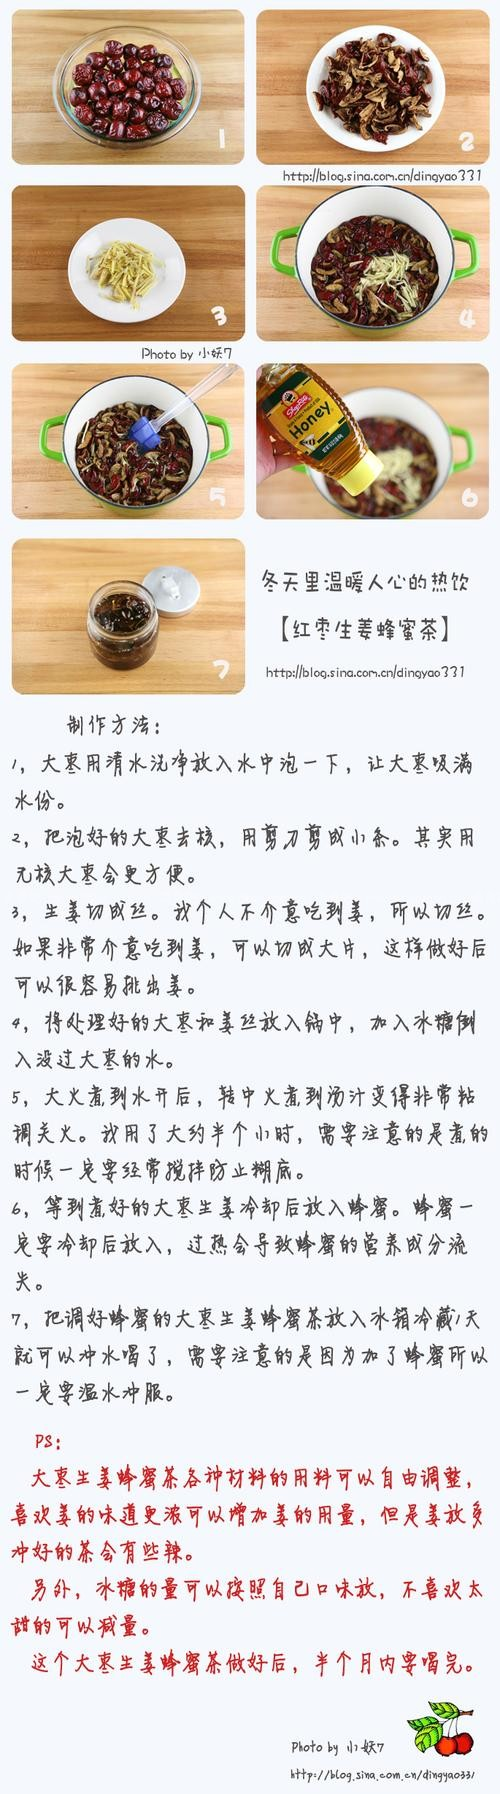 红枣生姜蜂蜜茶